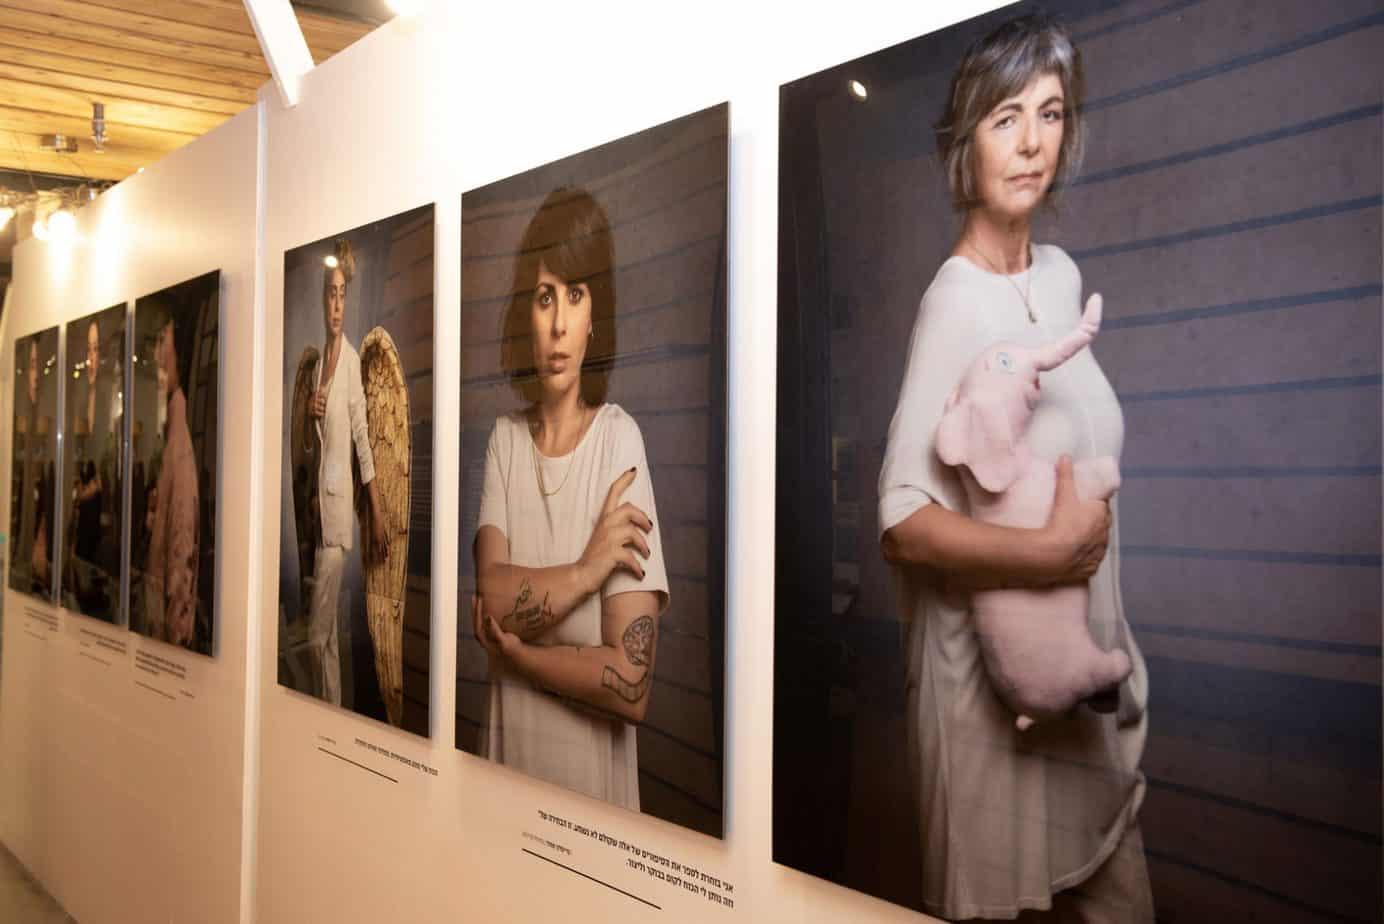 קום איל פו. תצוגת אופנה סתיו חורף 208-19. צילום: יניב לוי -326